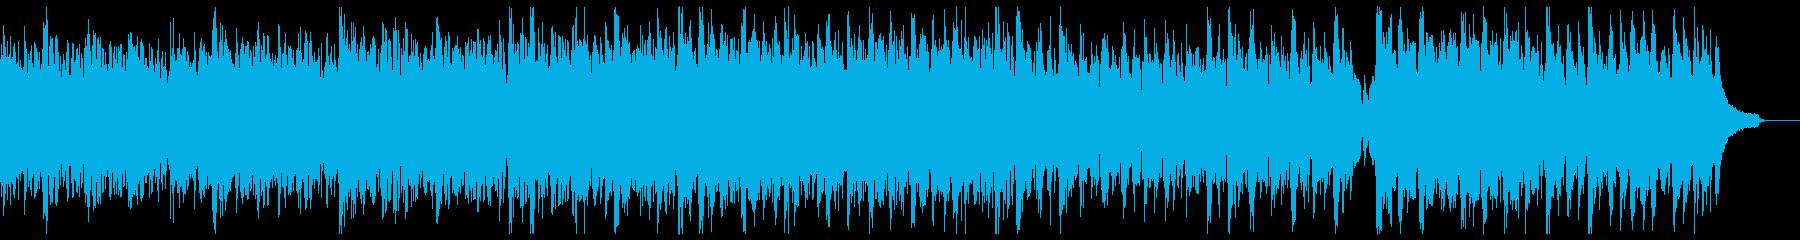 明るく穏やかな箏&ピアノ:メロディ抜きの再生済みの波形